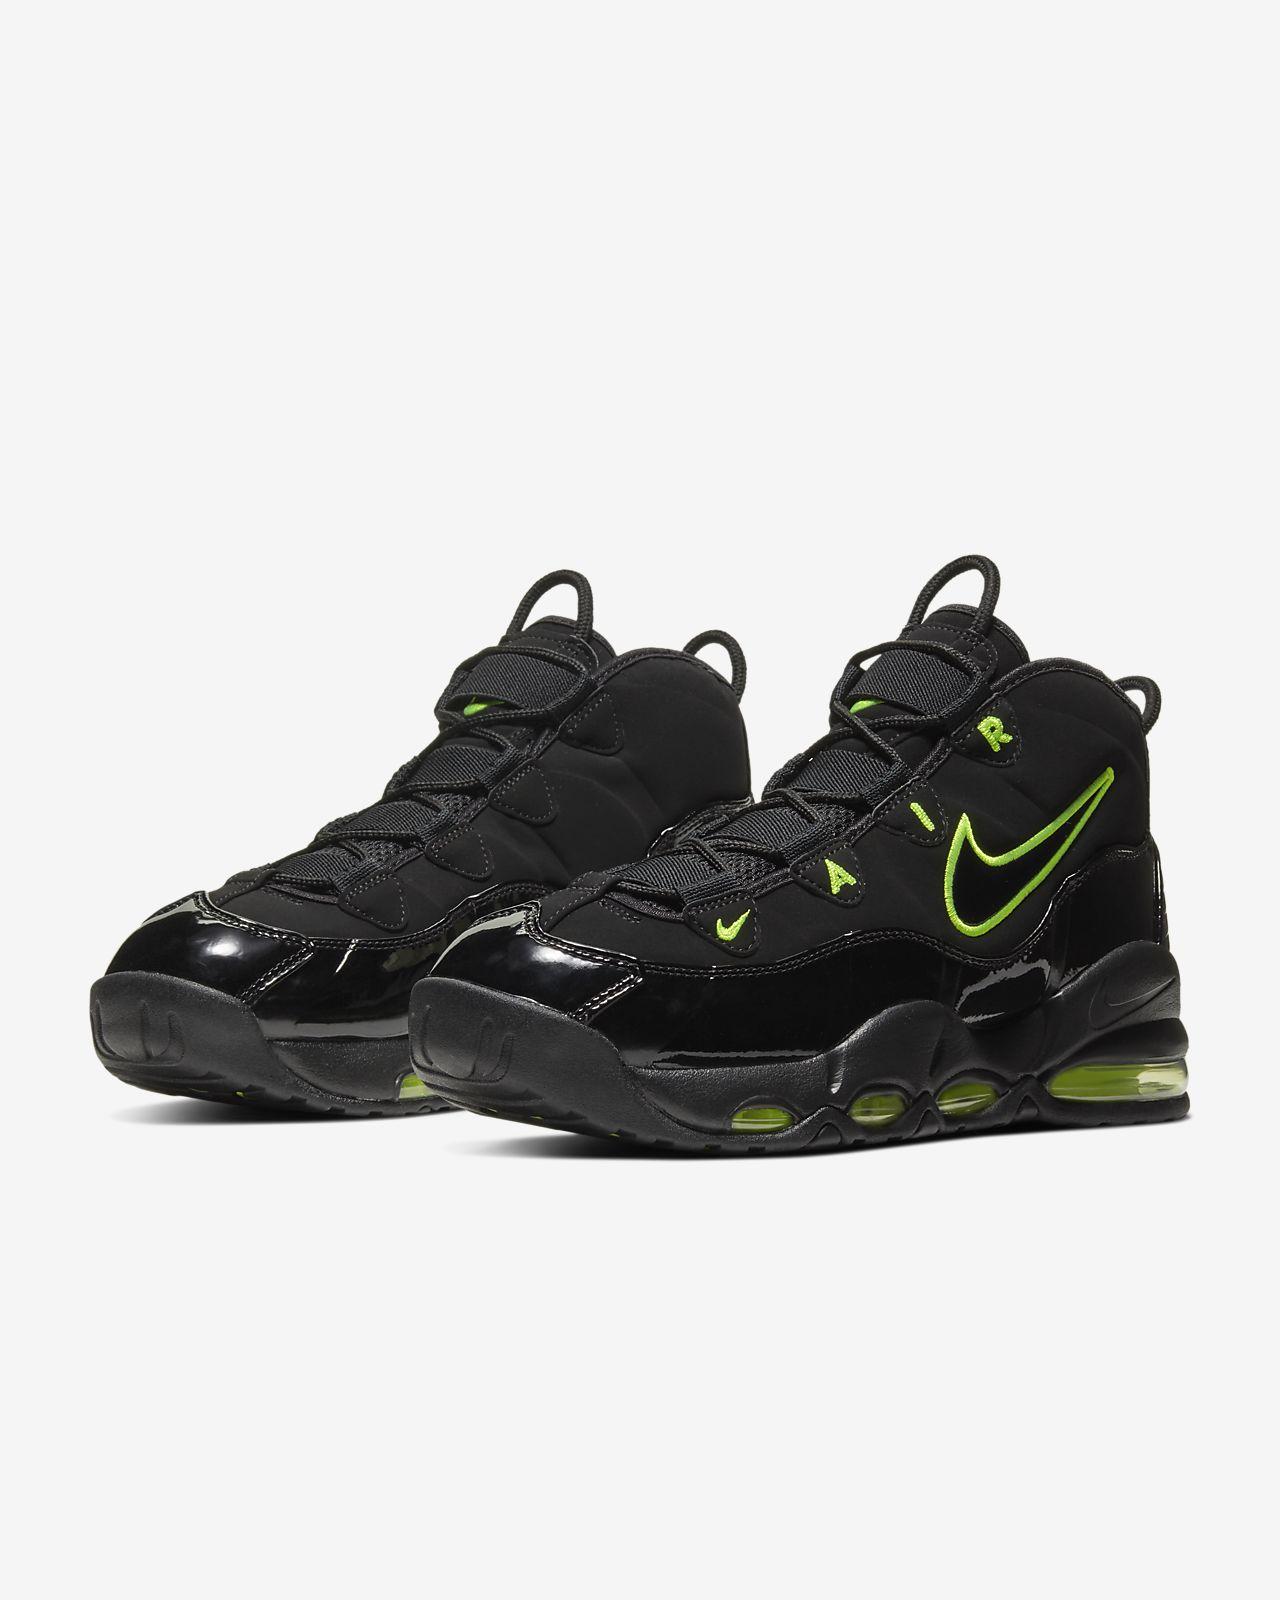 Billige Nike Air Max Uptempo 95 Mænd Hvide Tilbud,Nike